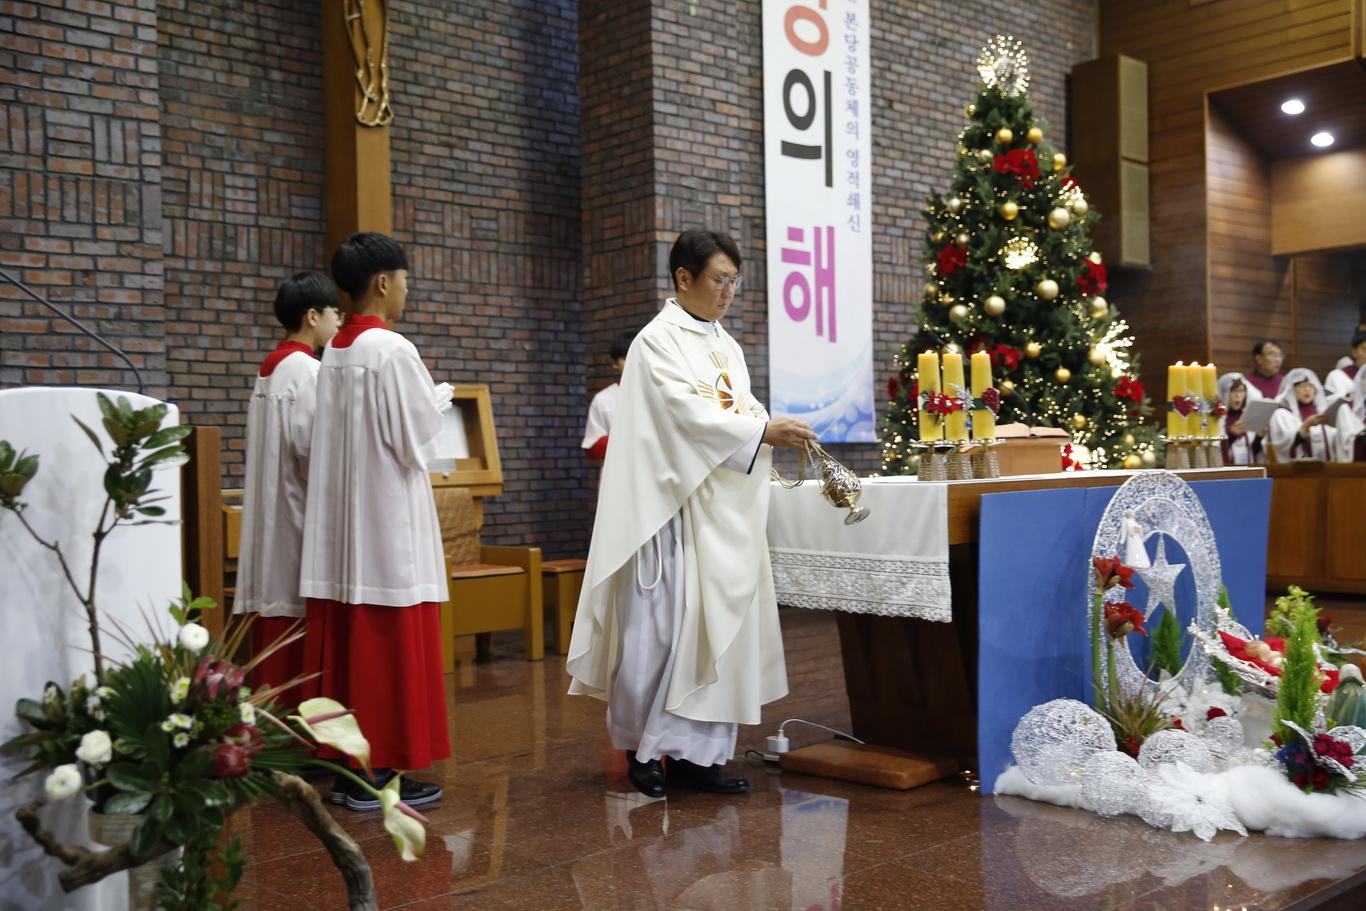 2019-12-25 성탄 대축일 (011)_크기변경.JPG